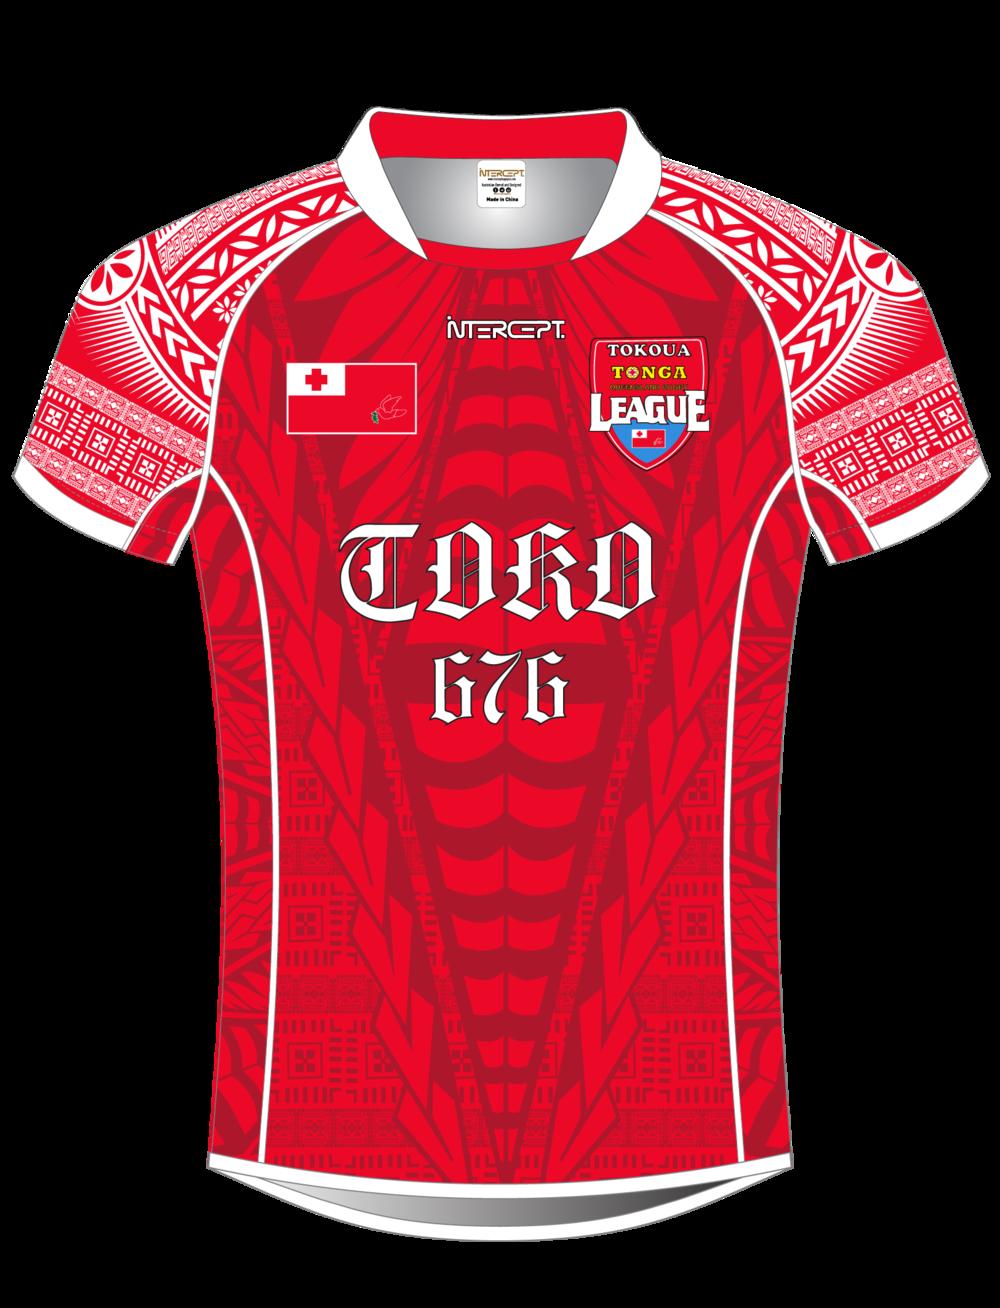 TongaJersey-01.png